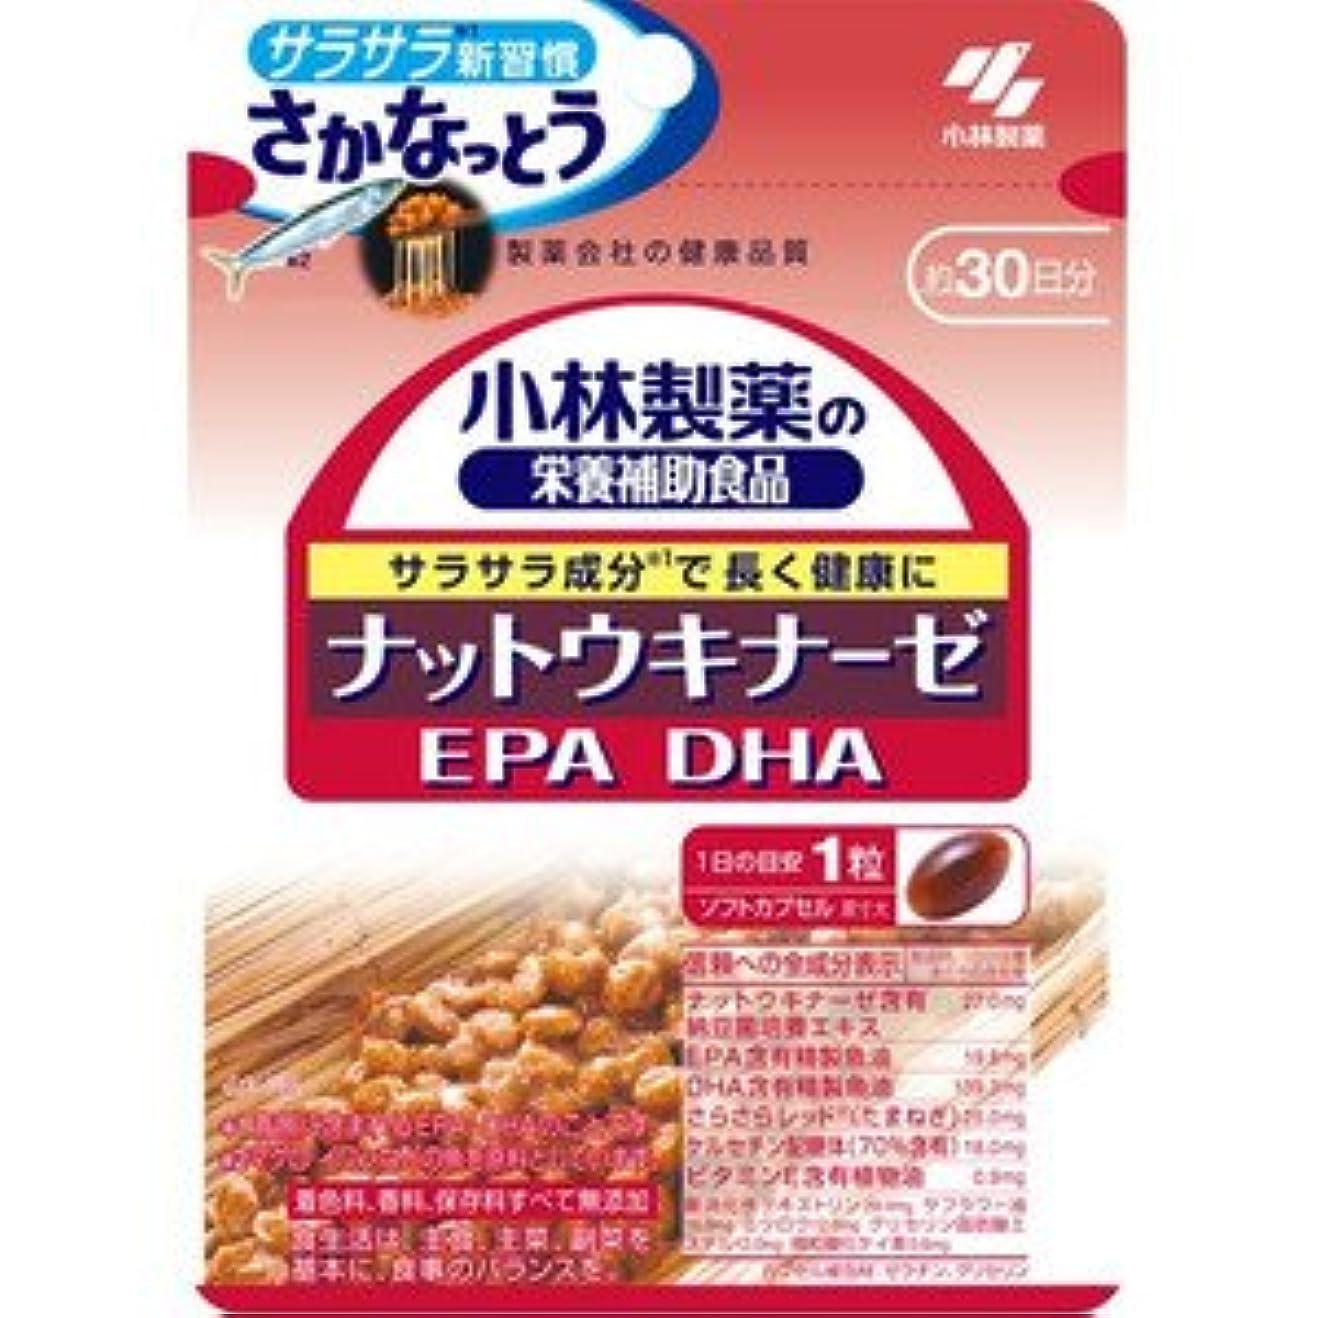 架空の相互自宅で【小林製薬】ナットウキナーゼ (EPA/DHA) 30粒(お買い得3個セット)